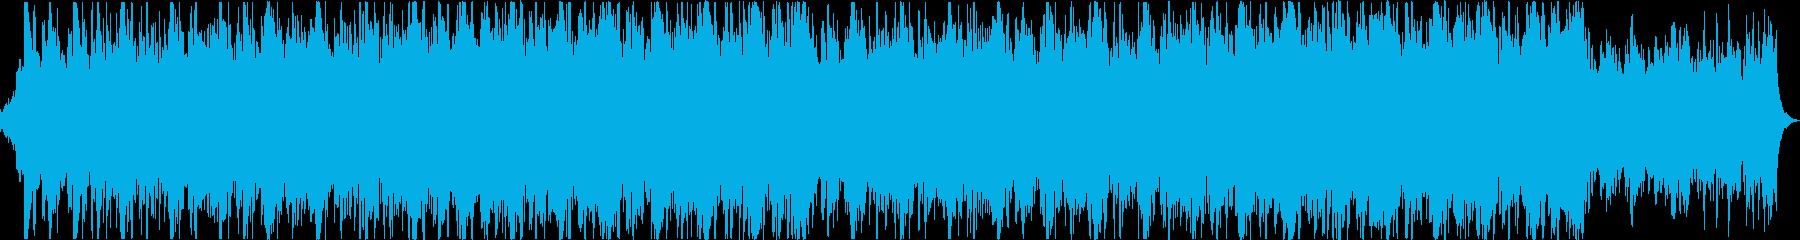 感動シネマティックエピックオーケストラbの再生済みの波形